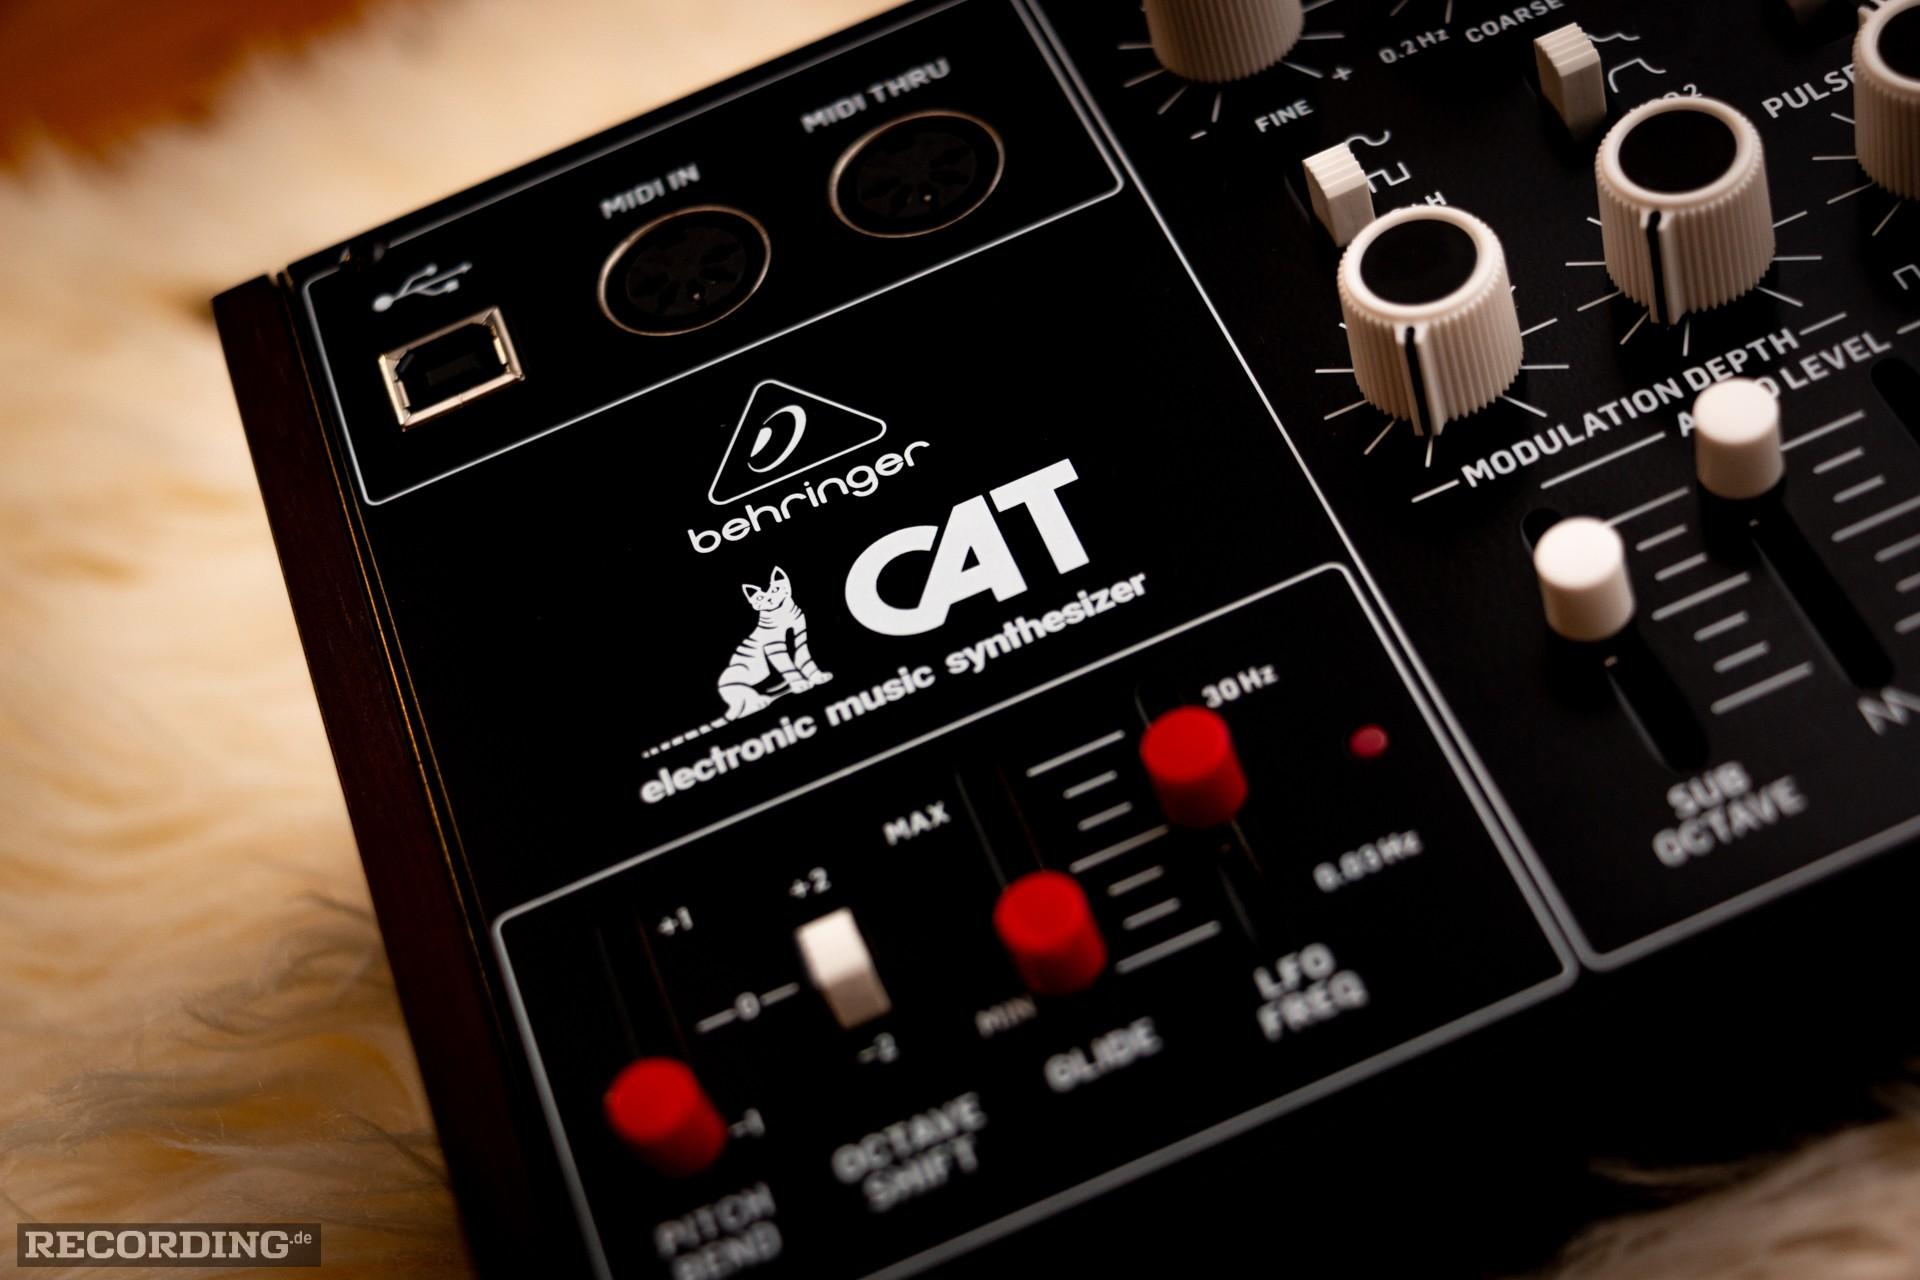 Behringer-The_Cat-13.jpg